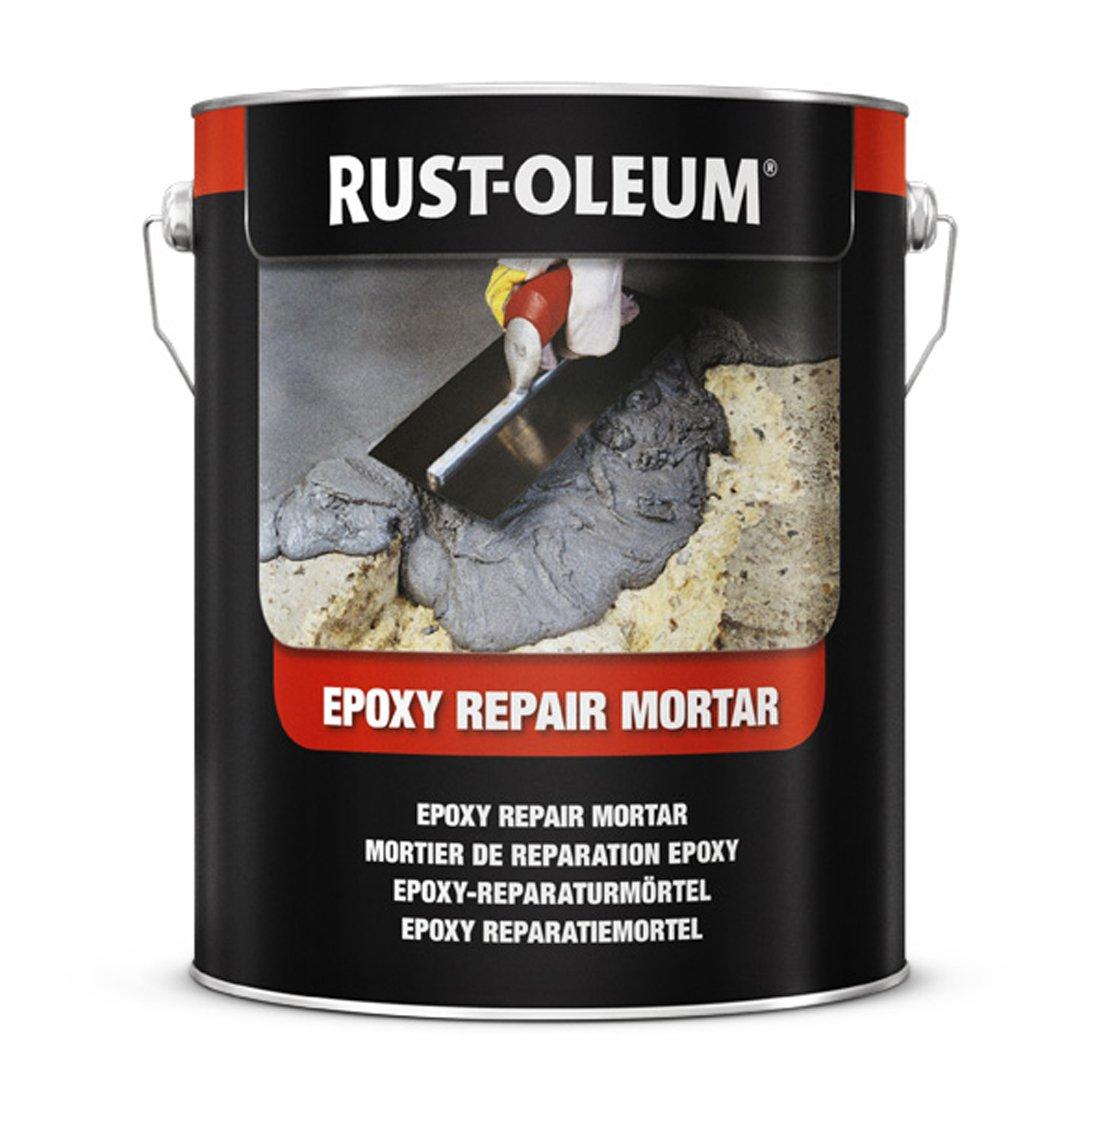 Rust-oleum 5180.2.5 epoxi reparació n mortero, 2 x má s fuerte que hormigó n, color gris oscuro 2x más fuerte que hormigón